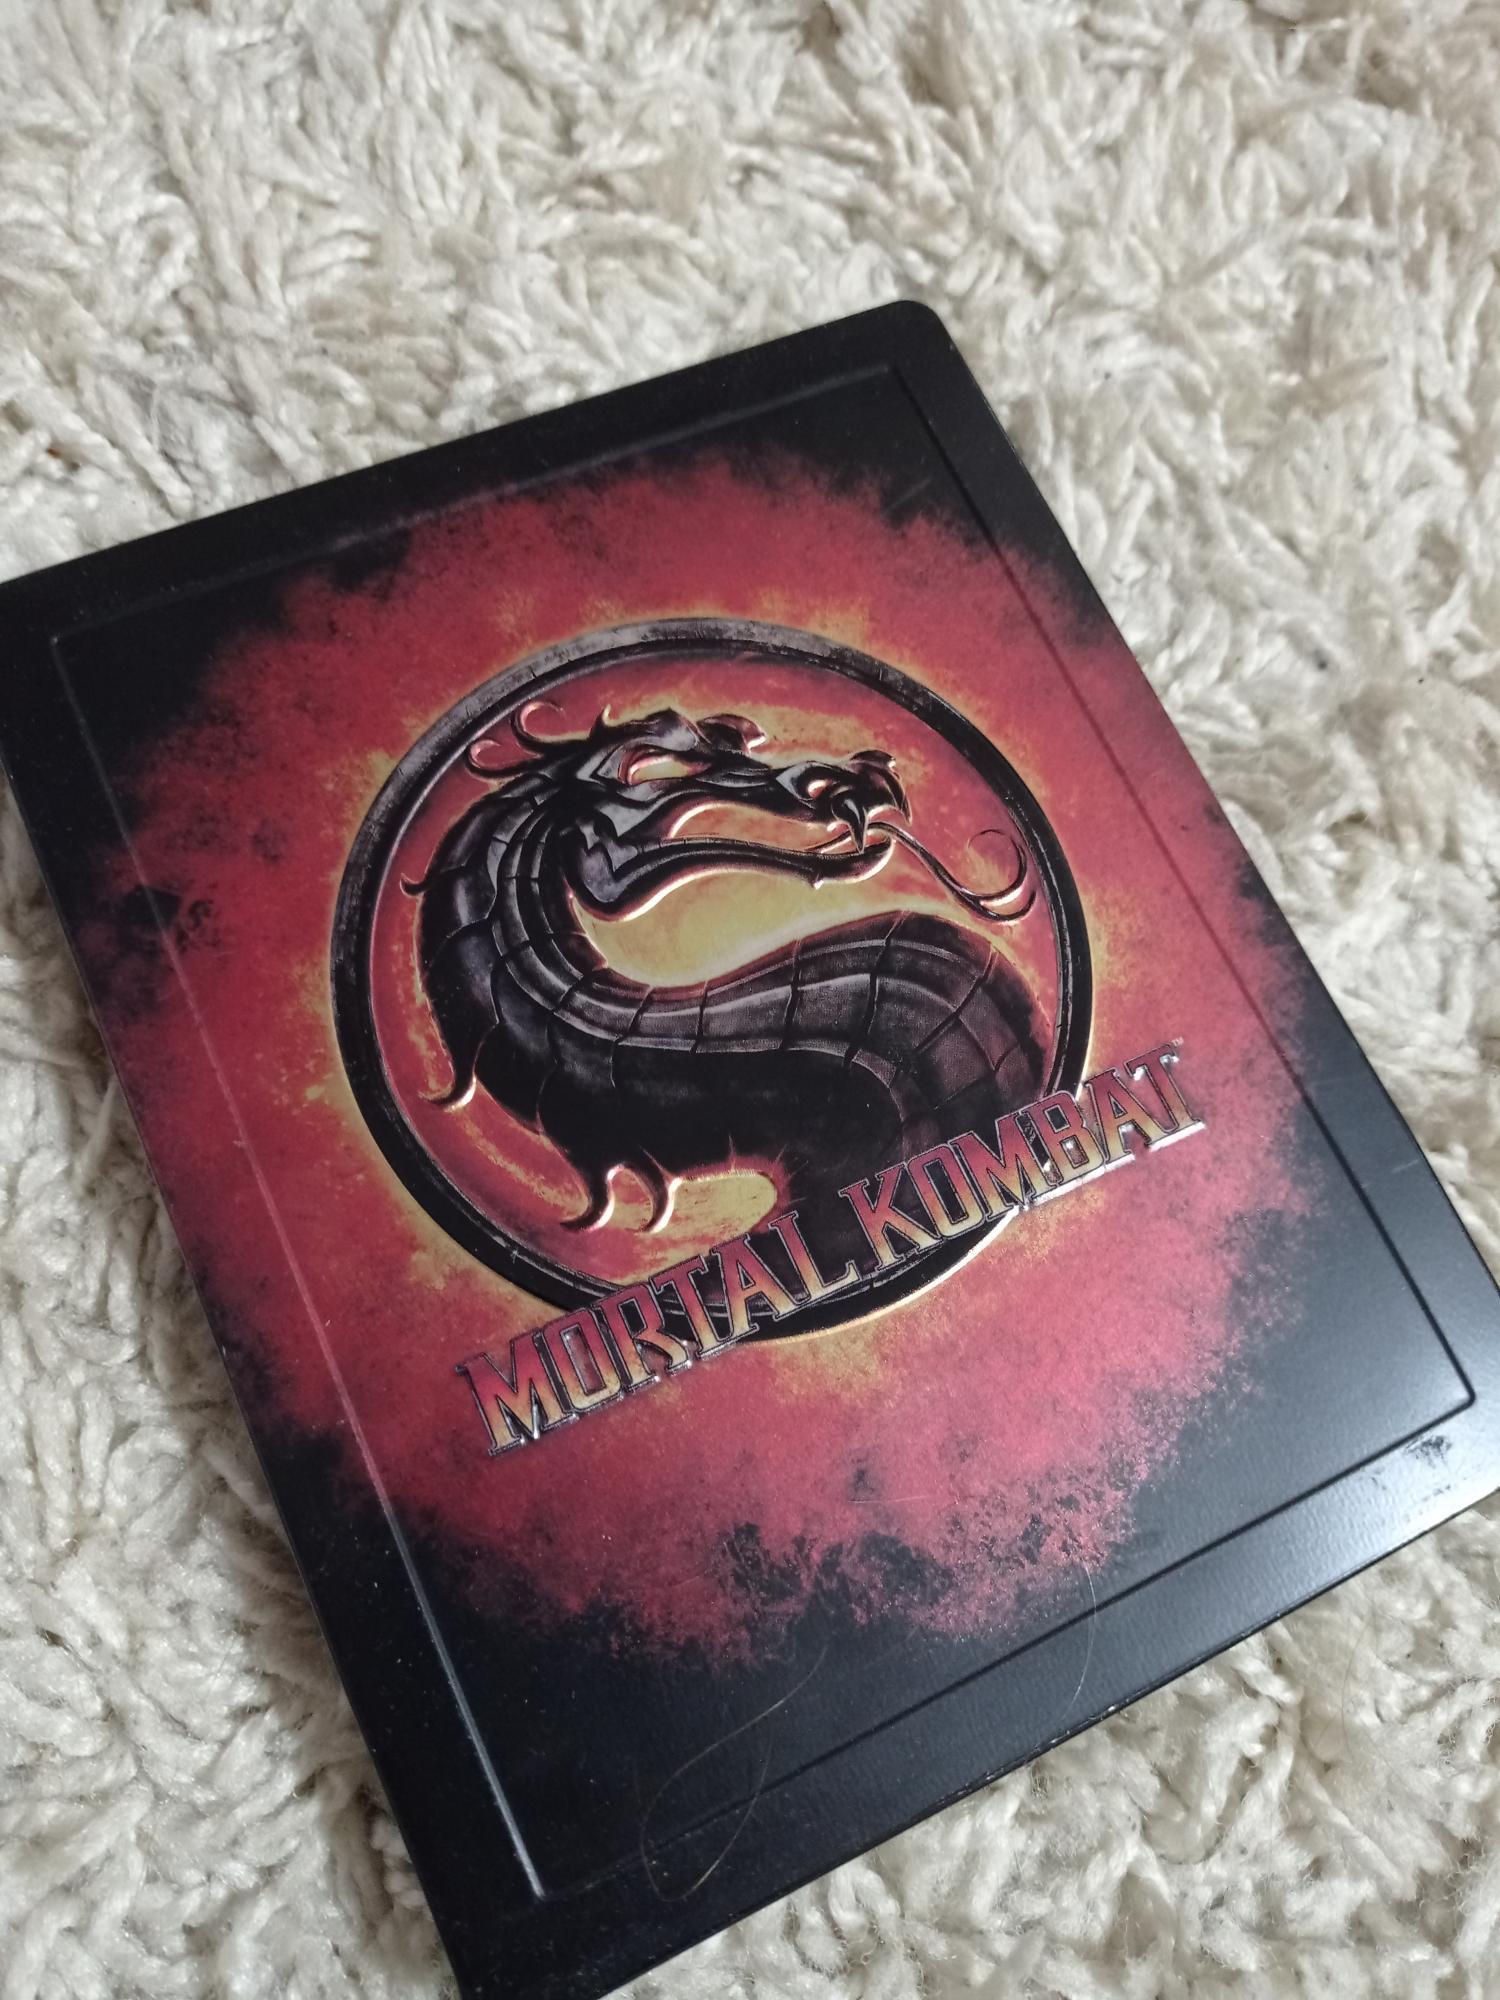 Mortal Kombat 9 коллекционное издание в Одинцово 89777251130 купить 1